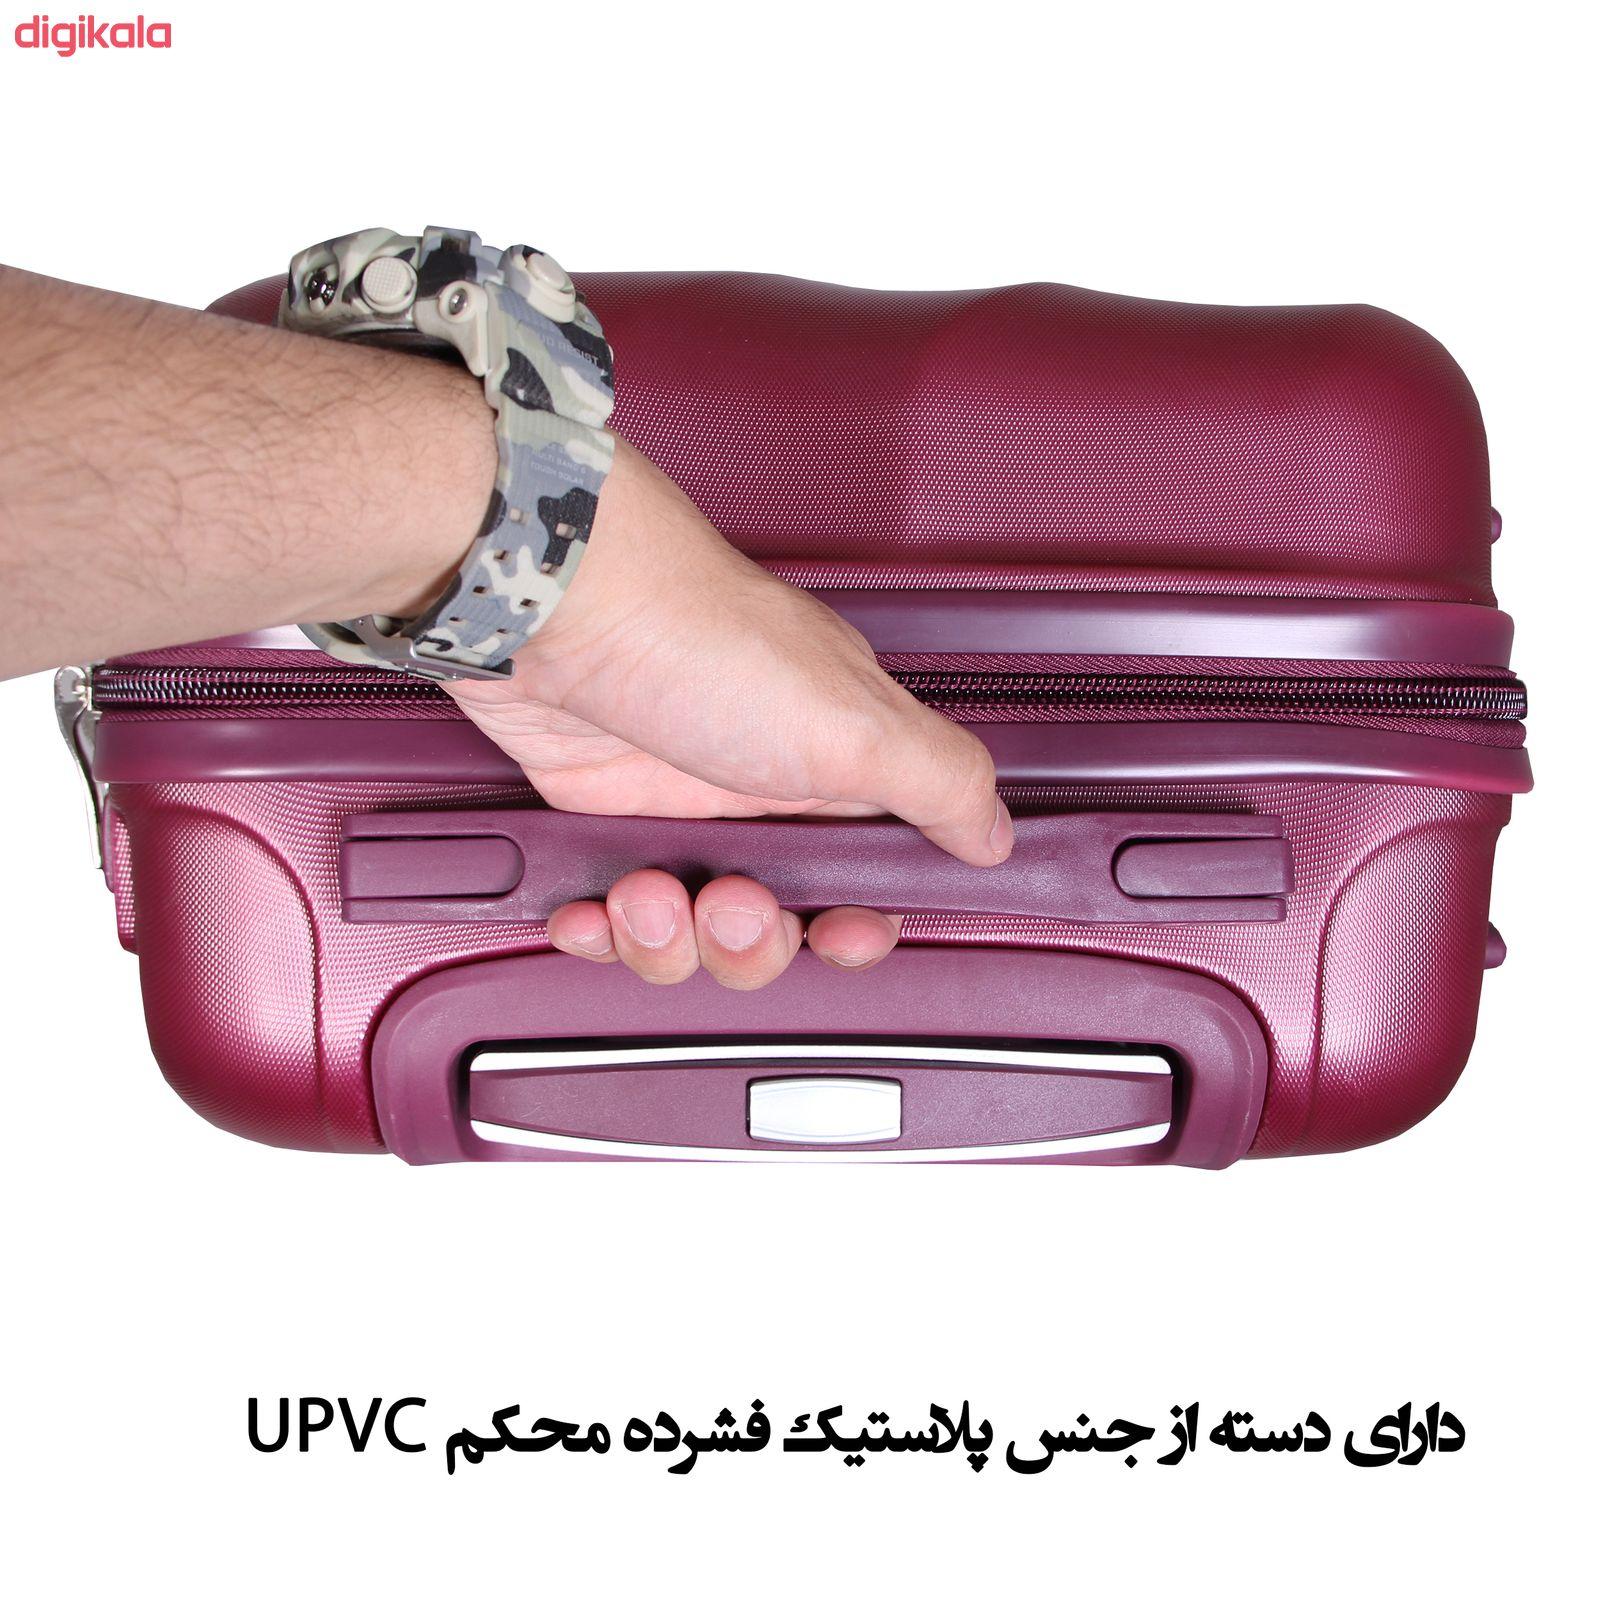 مجموعه چهار عددی چمدان مدل 319363 main 1 18